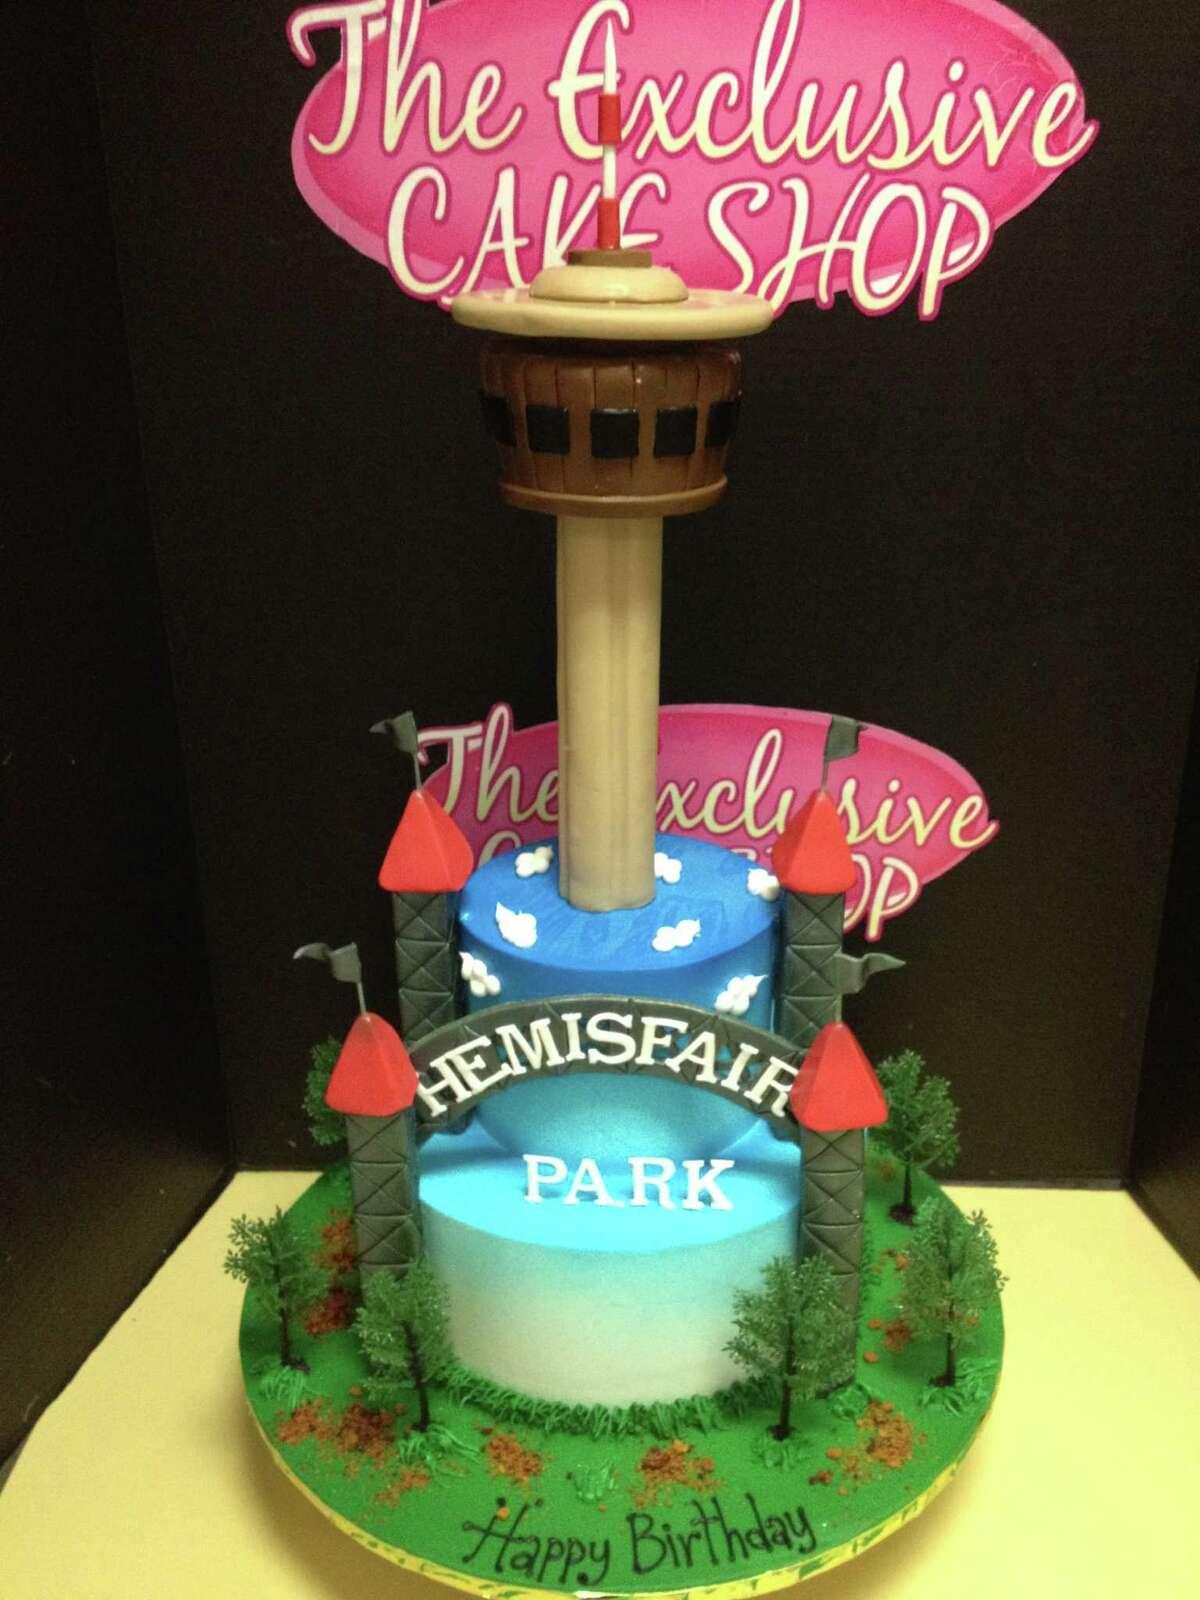 Tower of Americas Cake